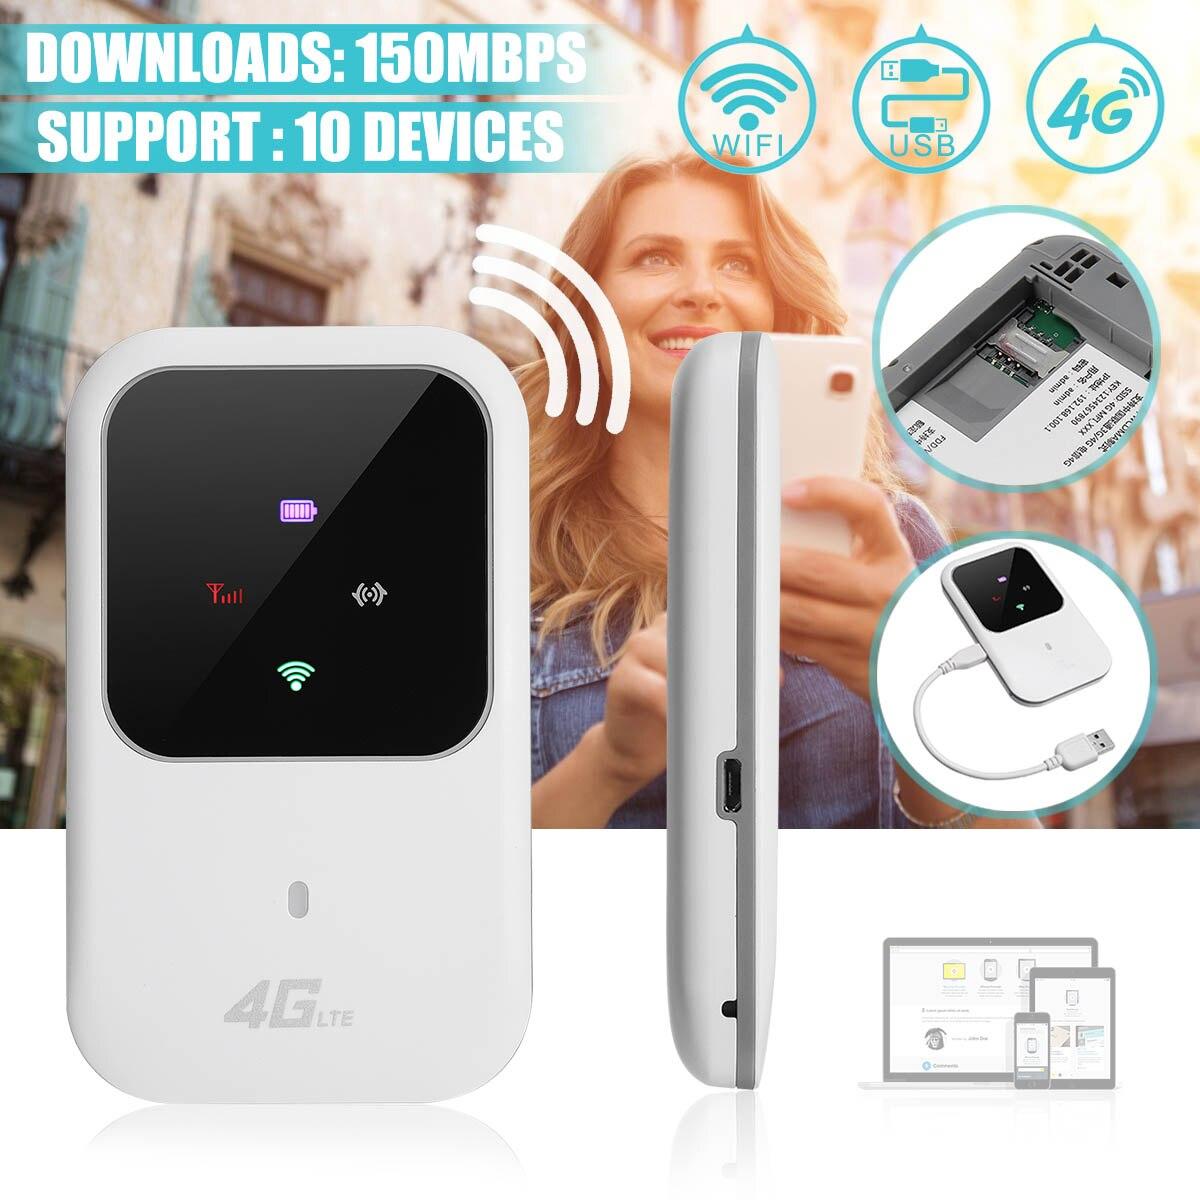 4g LTE Móvel Wi-fi Hotspot Roteador Sem Fio Luzes LED Suporta 10 Usuários Modem Roteador Portátil para Carro e Casa Móvel viagem de Acampamento